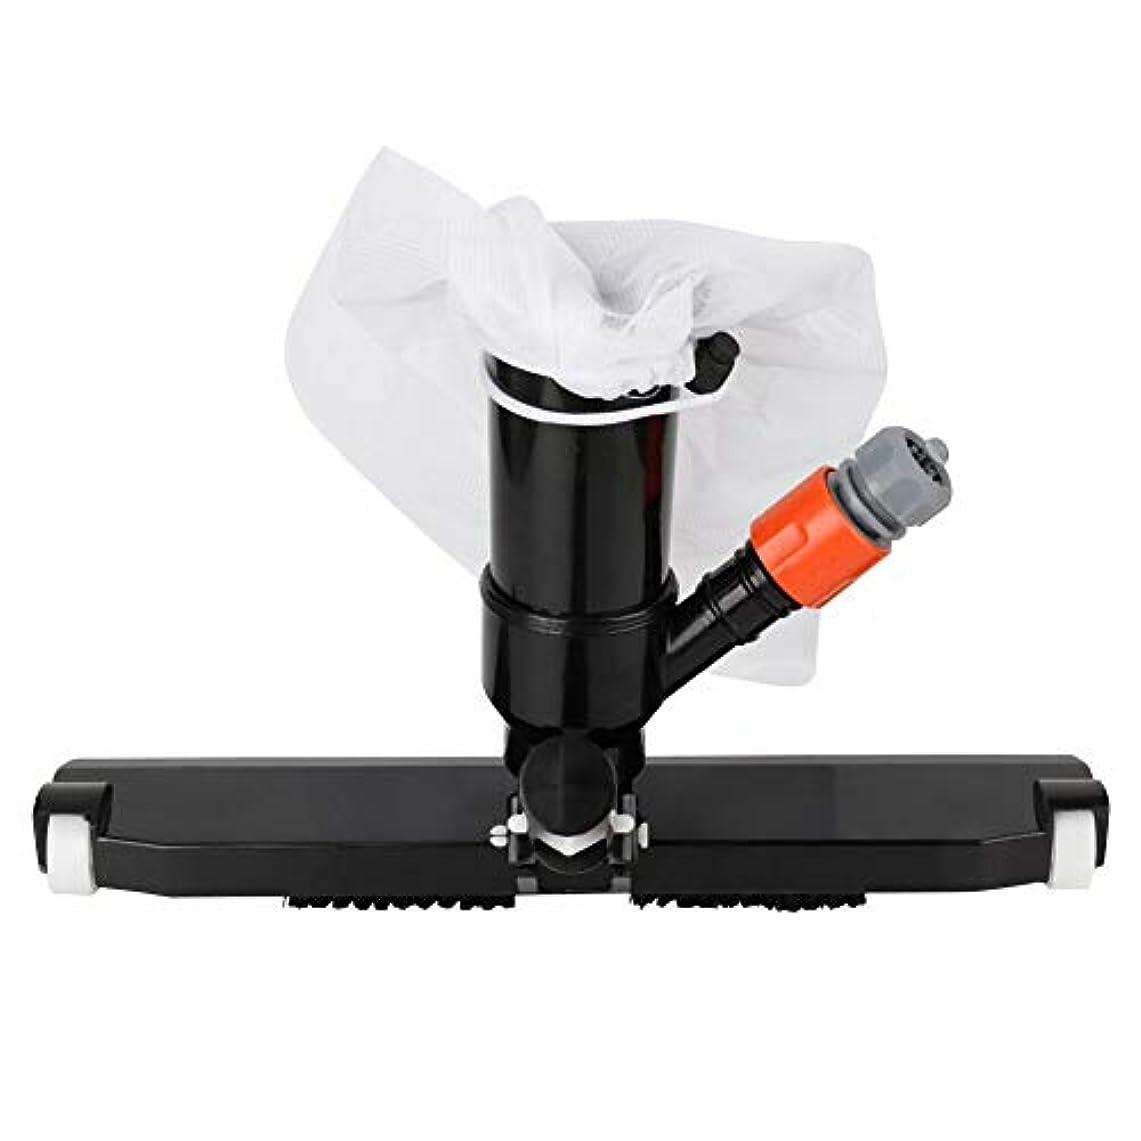 虎南方の国旗Happysource プールサクションヘッド掃除機ブラシスパ池汚れクリーナー用品